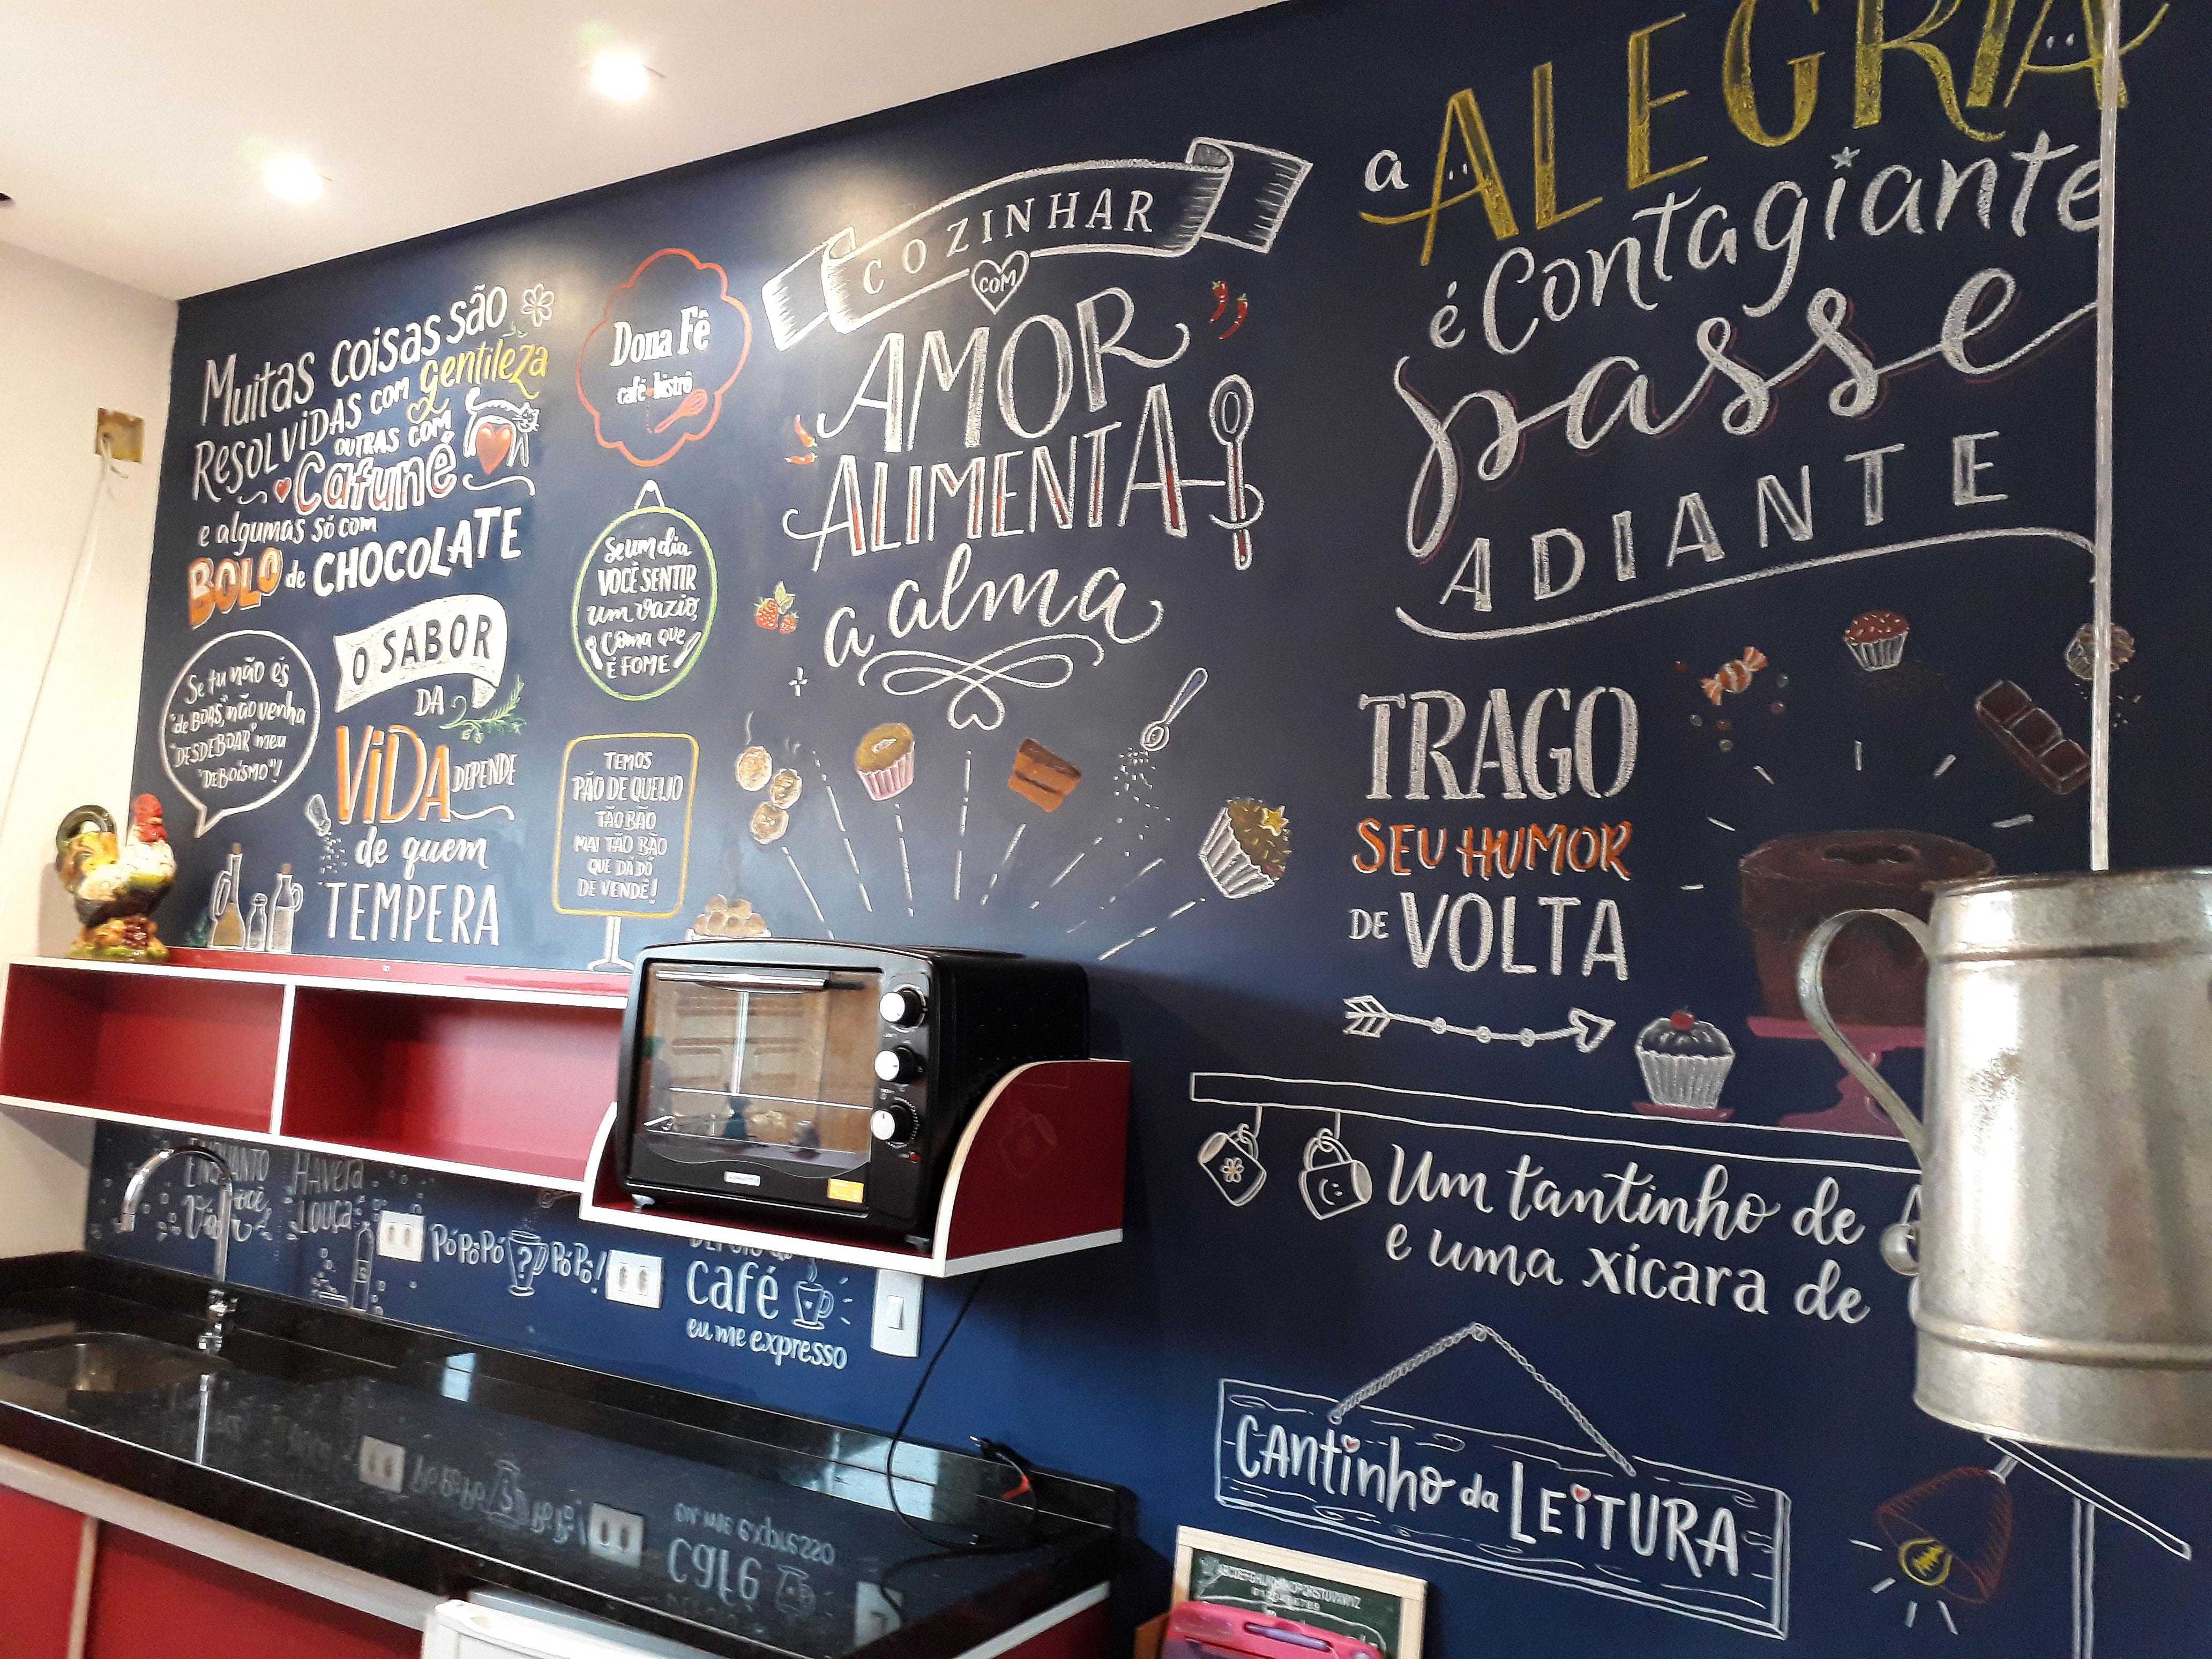 Dona Fê Café Bistrô - Jun18